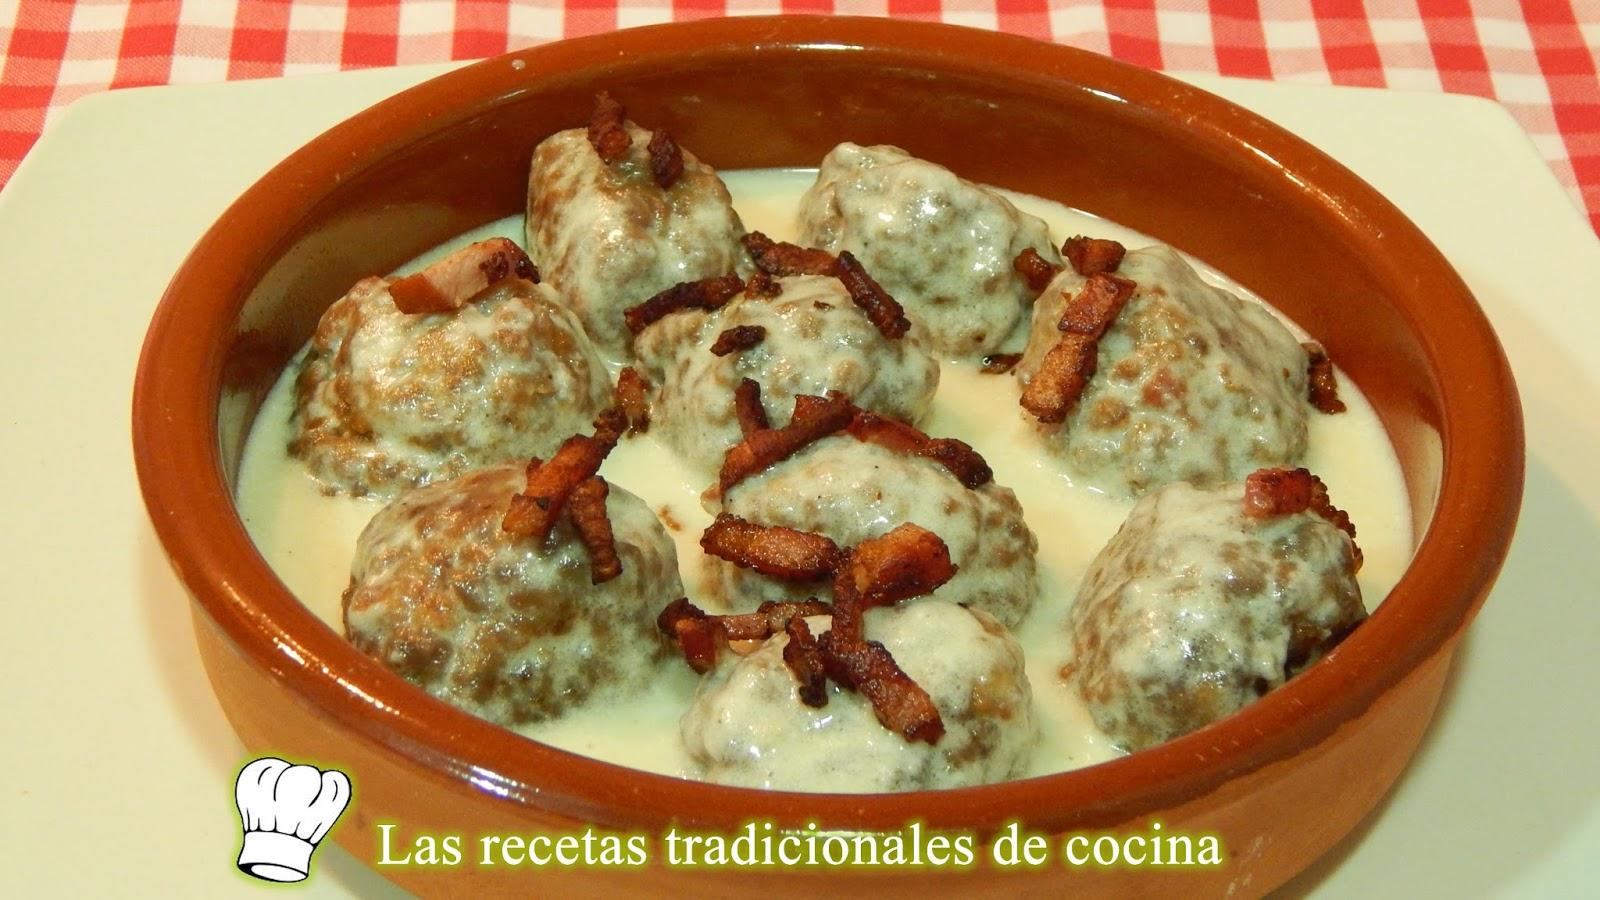 Recetas De Cocina Con Sabor Tradicional Receta Fácil De Albóndigas En Salsa De Queso